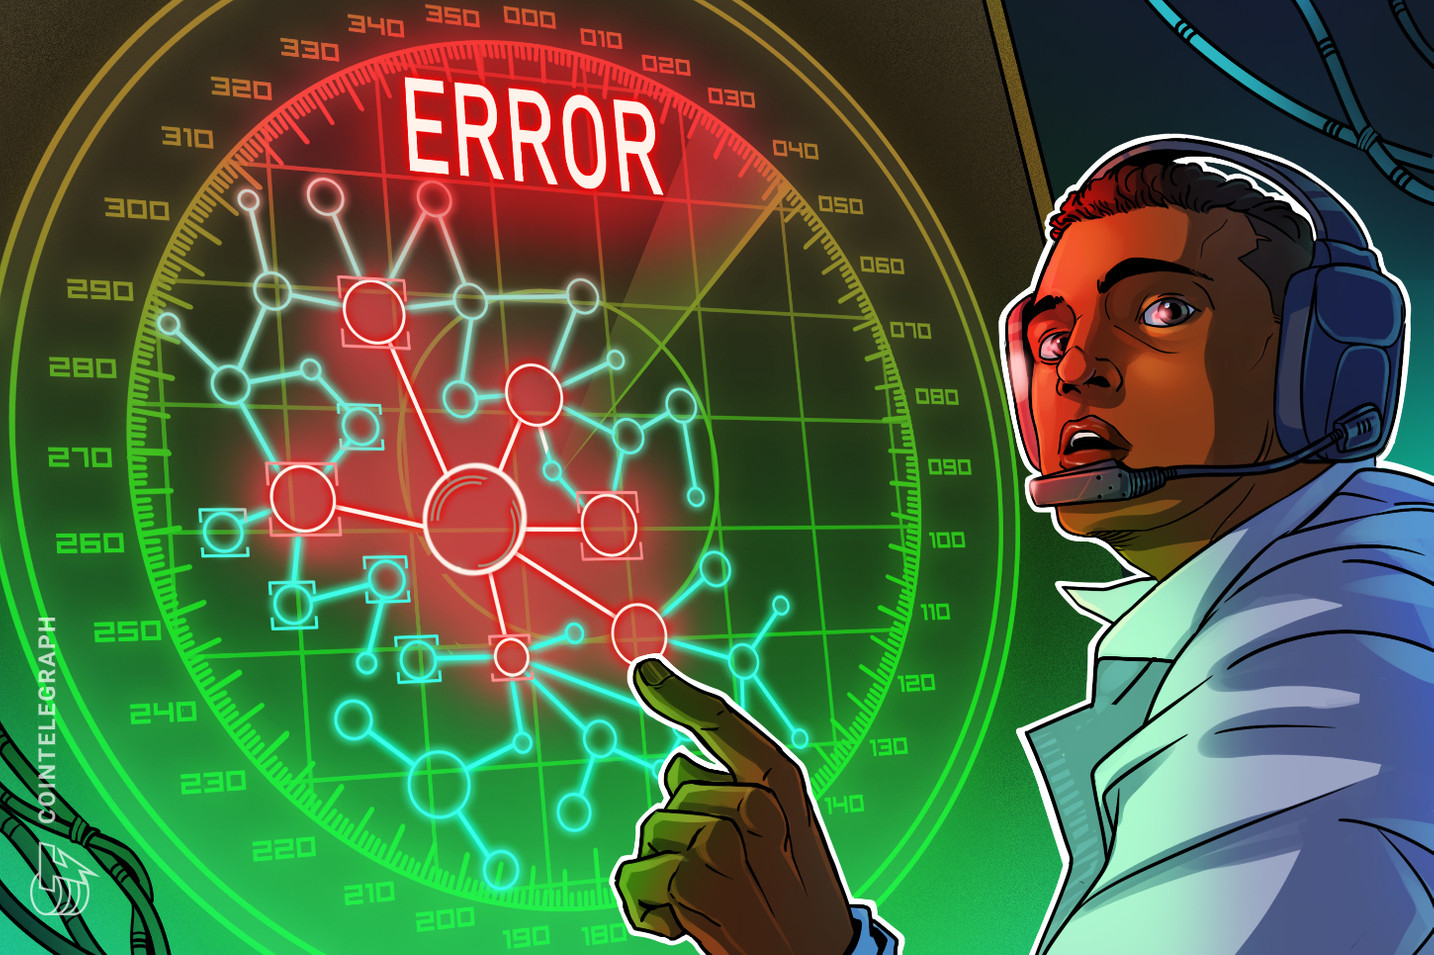 Muchos servicios de criptomonedas están reportando problemas en medio de una volatilidad extrema del mercado